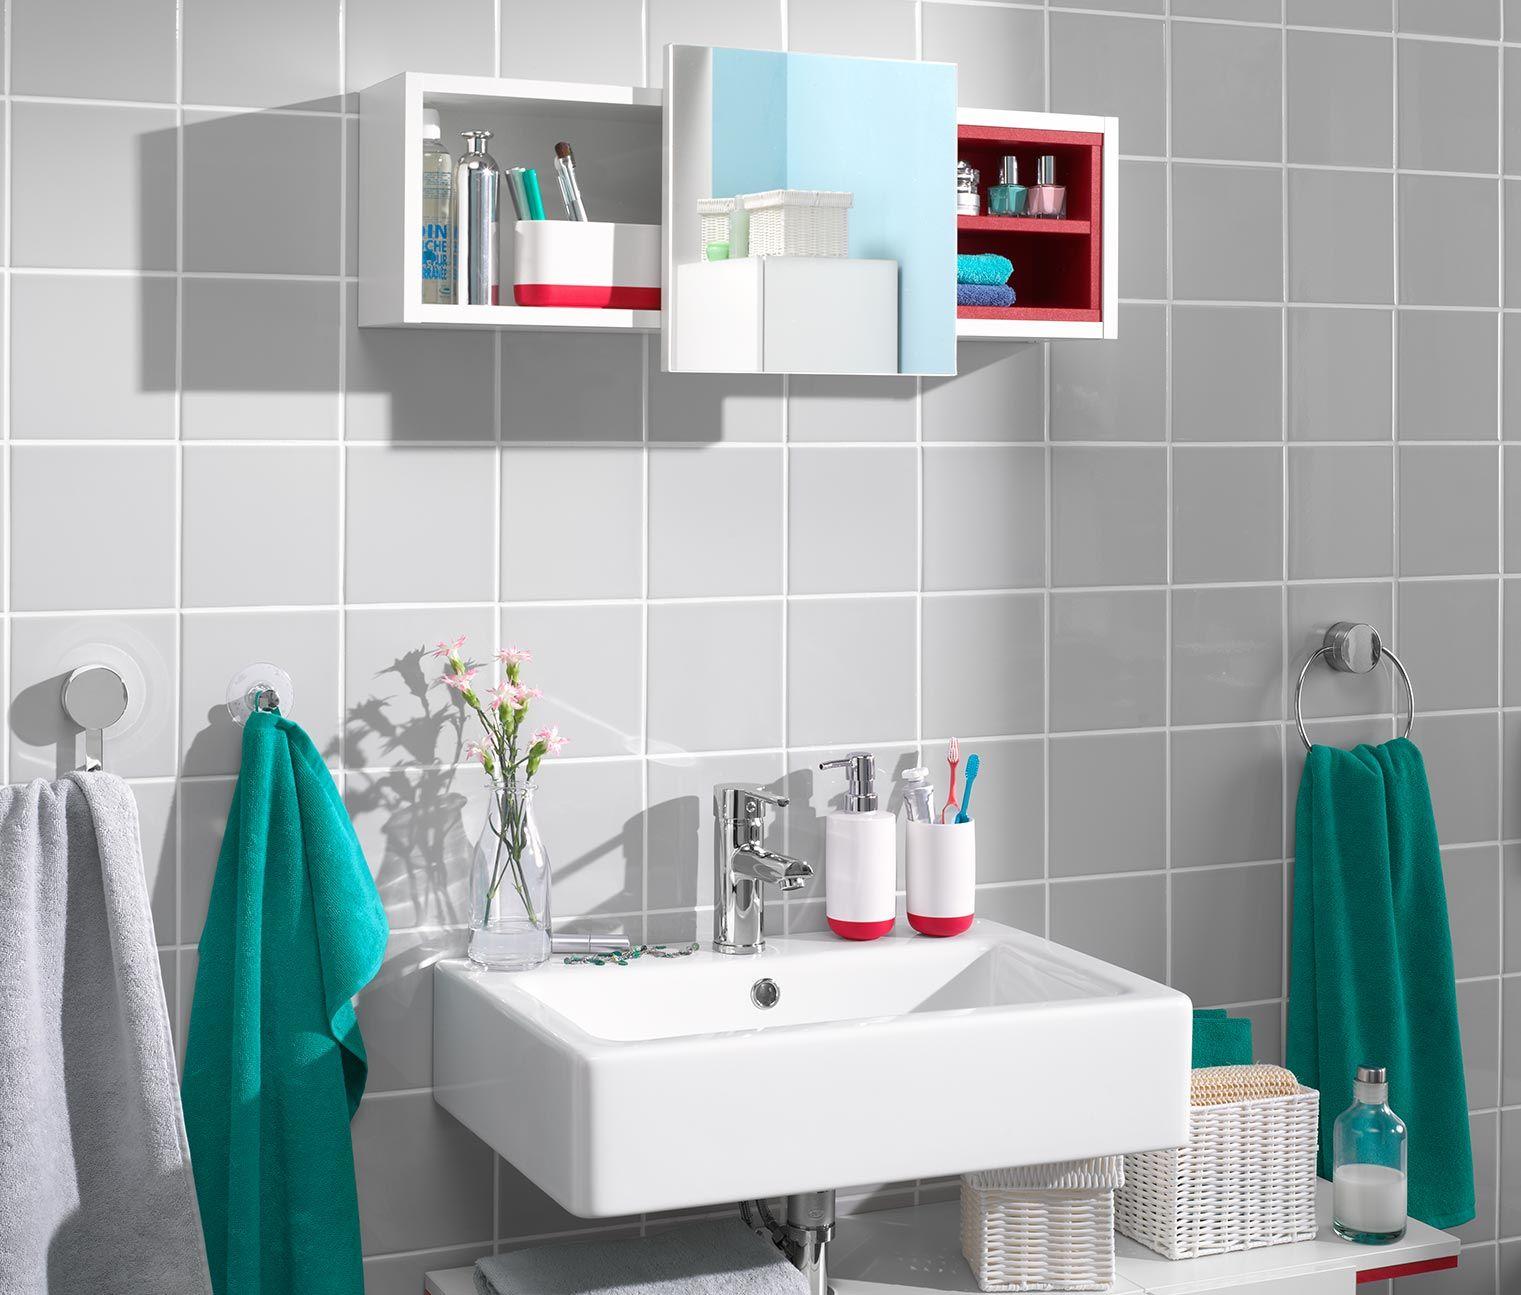 BadSpiegelschrank Spiegelschrank, Badezimmer